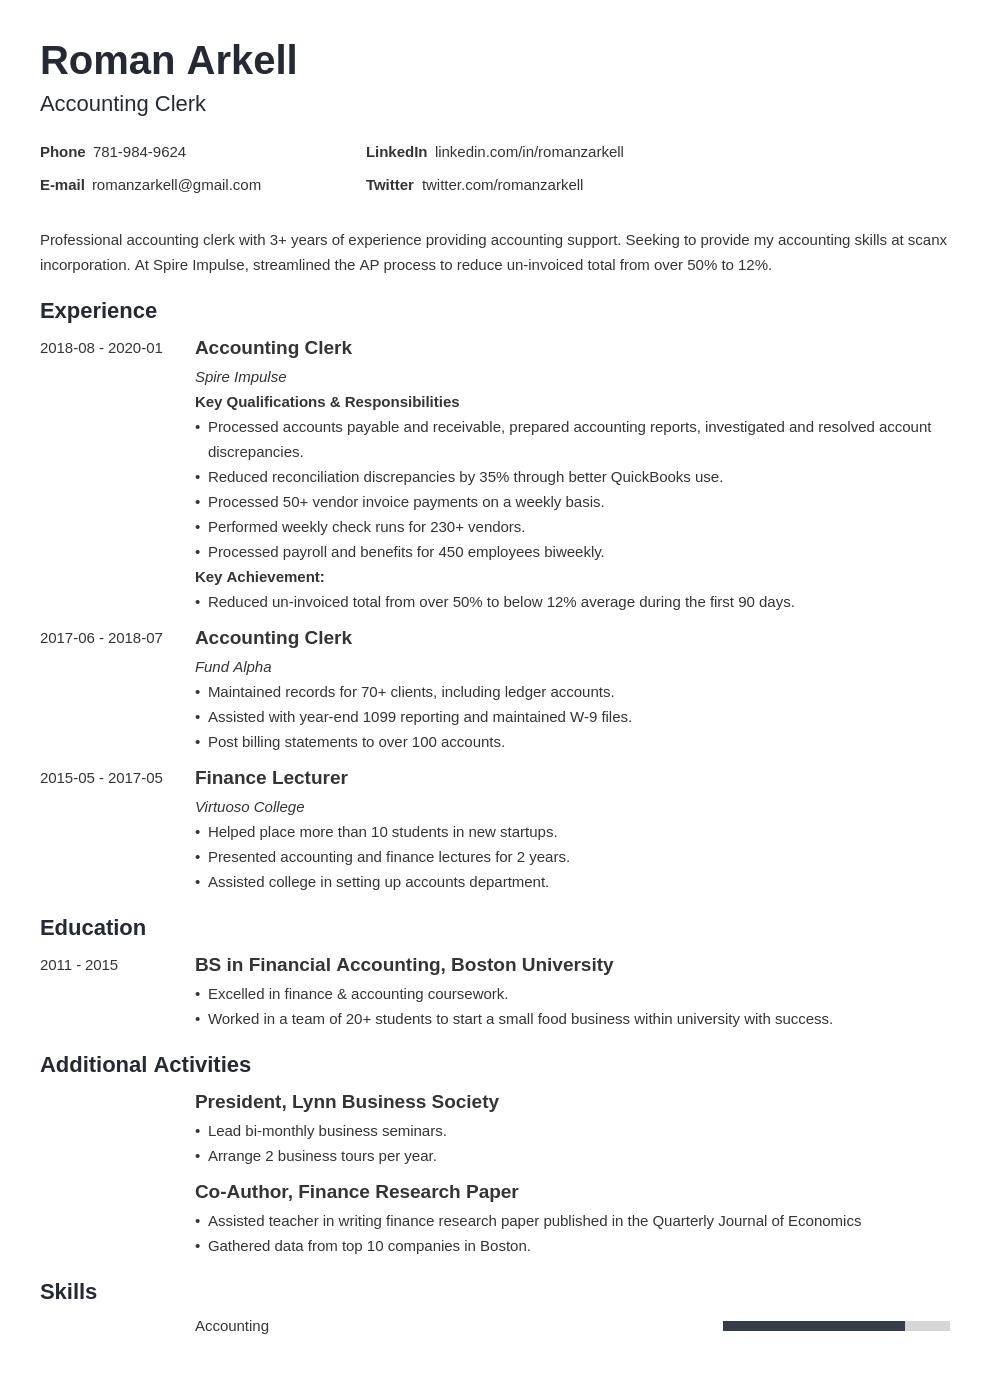 Clerical Resume Sample Entry Level Legal File Clerk Builder Medical Assistant Resume Office Assistant Resume Administrative Assistant Resume